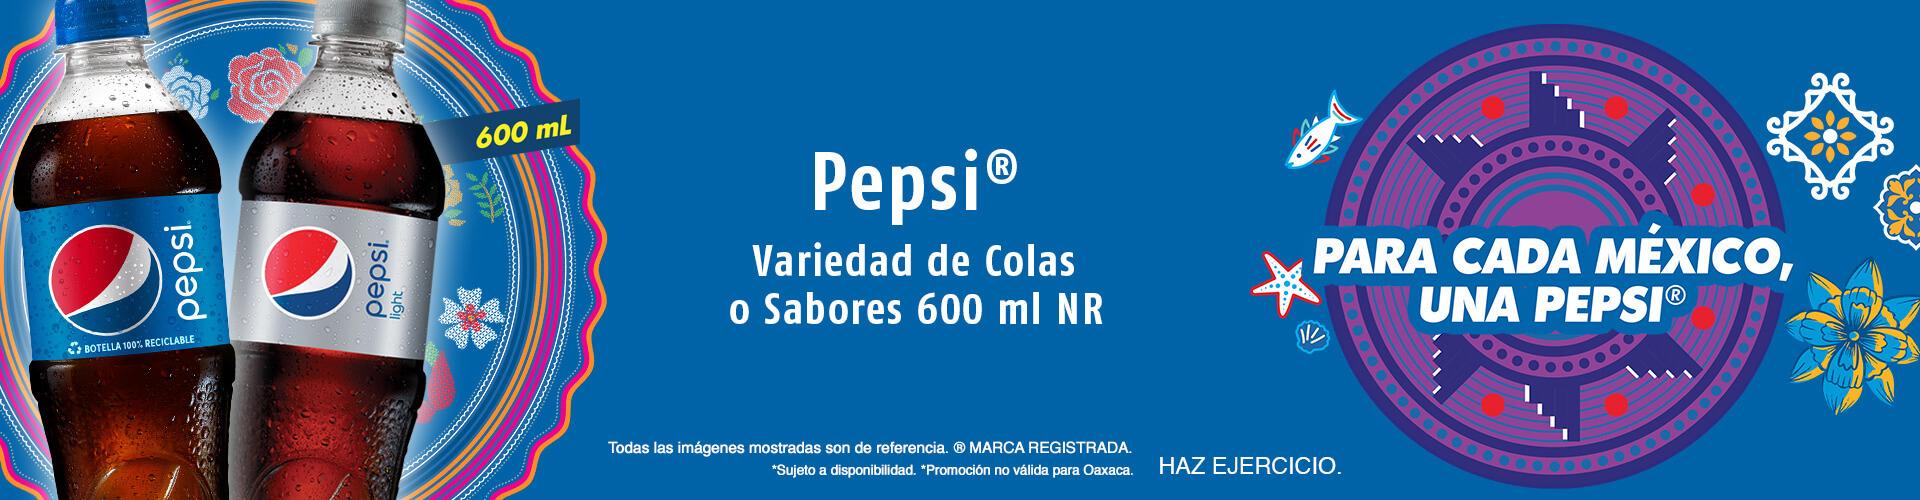 OXXO Pepsi Banner P11 2020